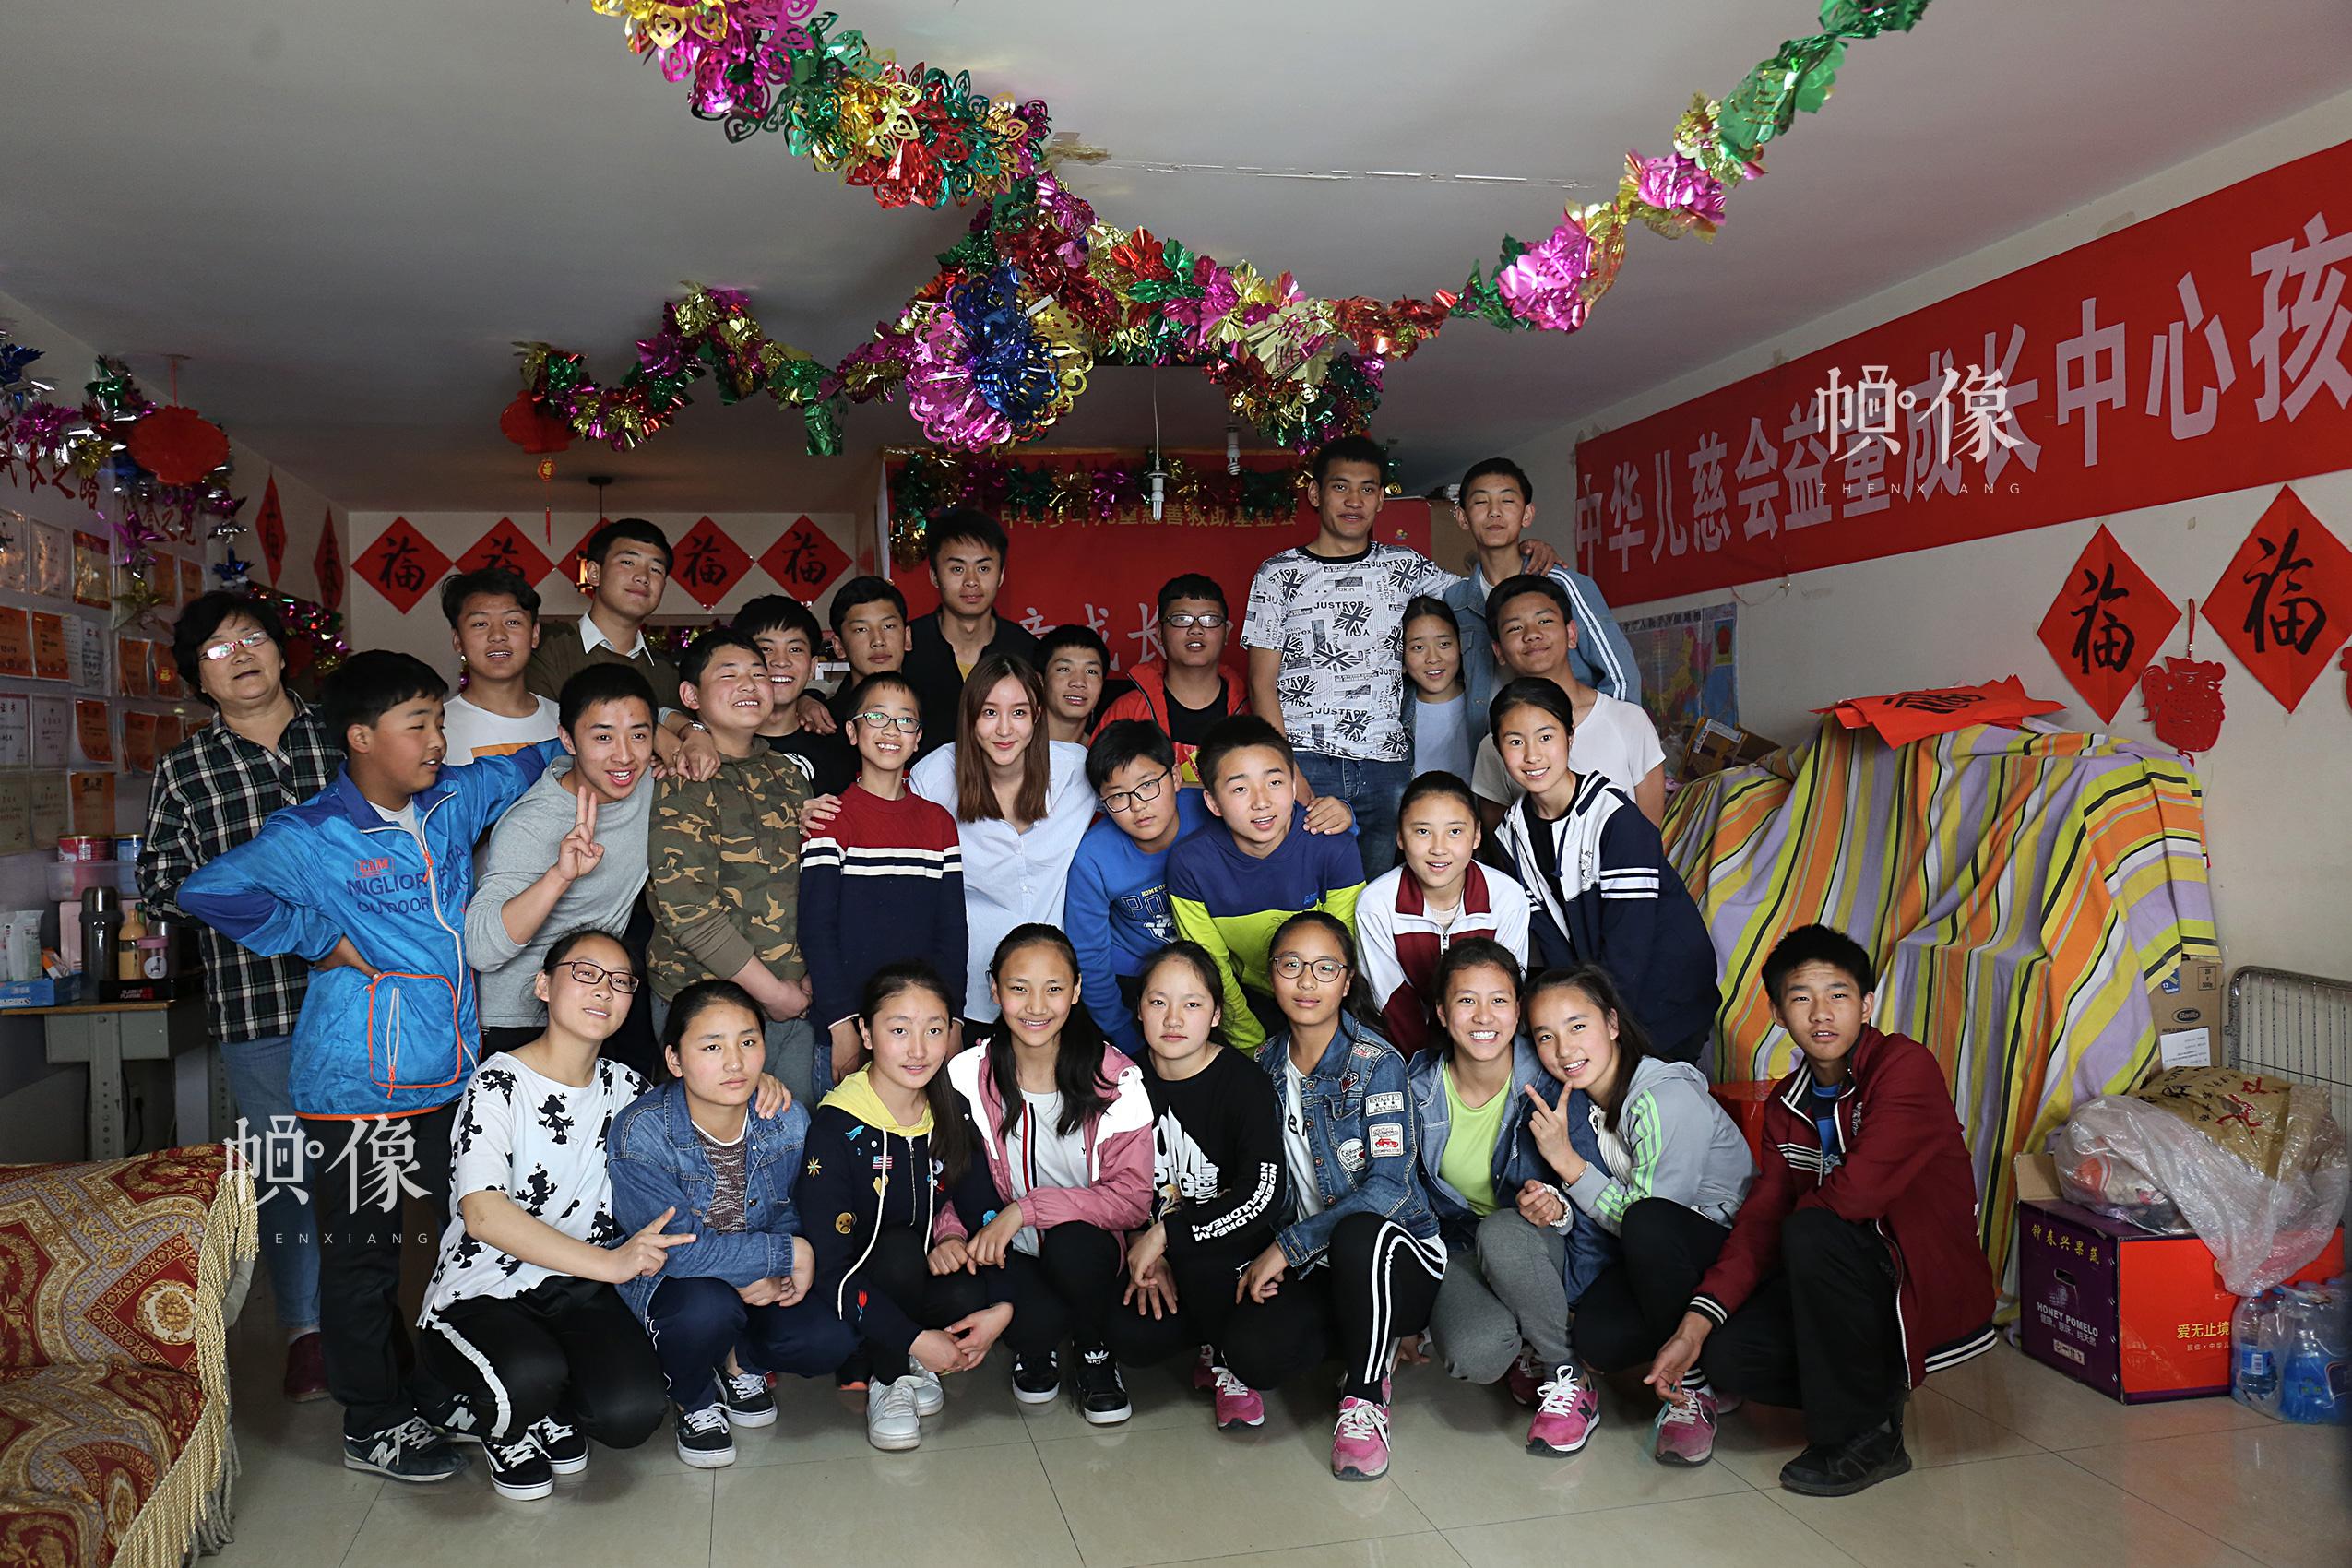 2017年4月9日,志愿者与玉树儿童在北京益童成长中心合影留念。中国网记者 黄富友 摄